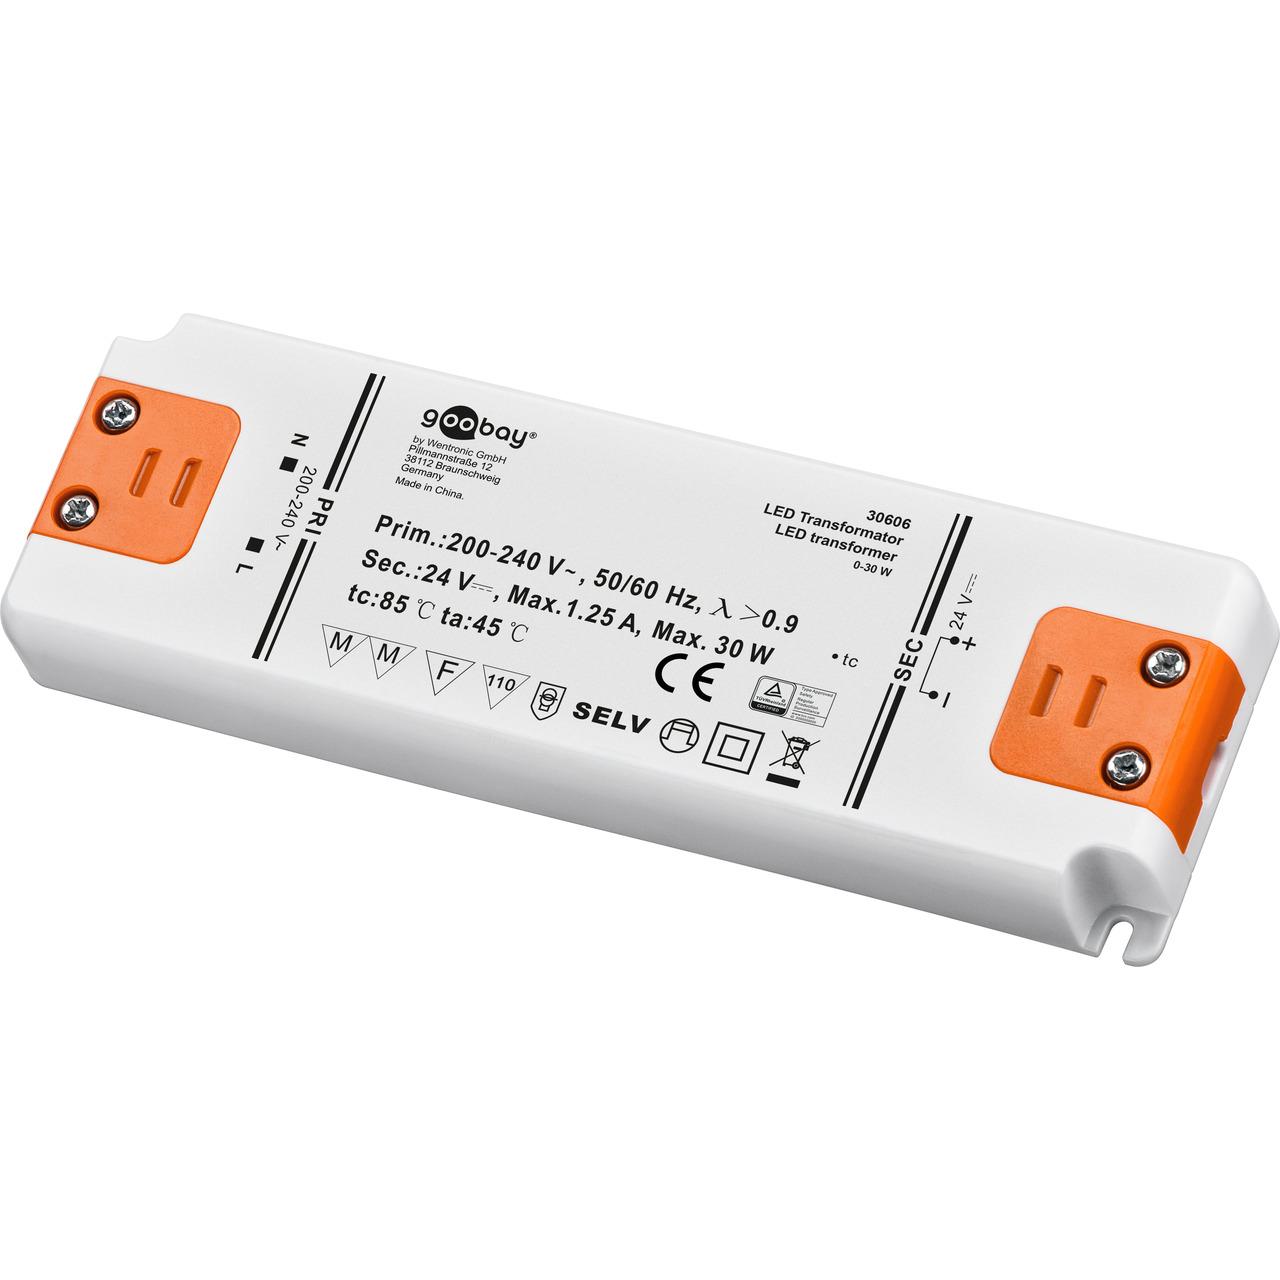 Goobay 30-W-LED-Netzteil slim- 24 V DC